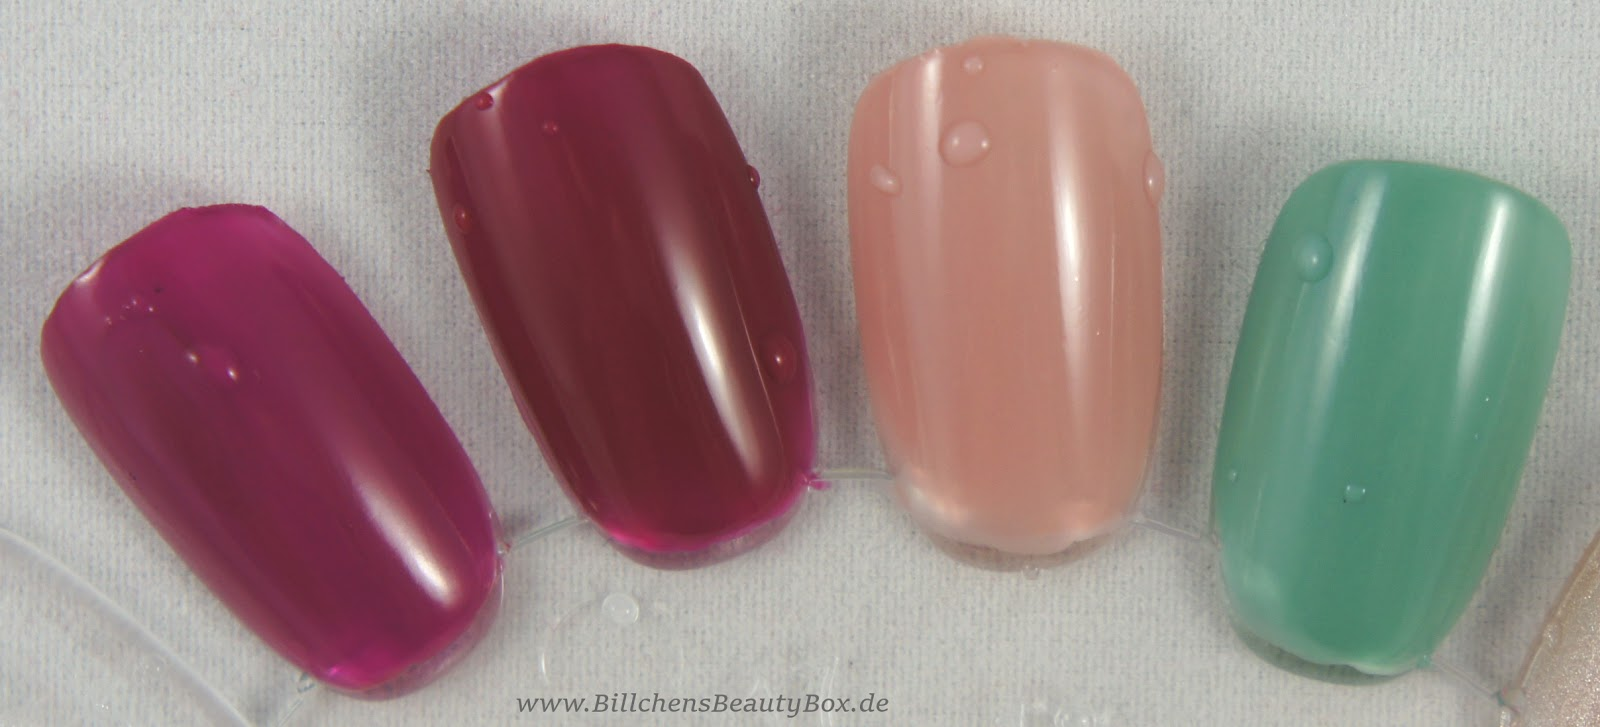 Nageldesign selber machen interessanter Nagellack mit  - nageldesign nagellack in wasser